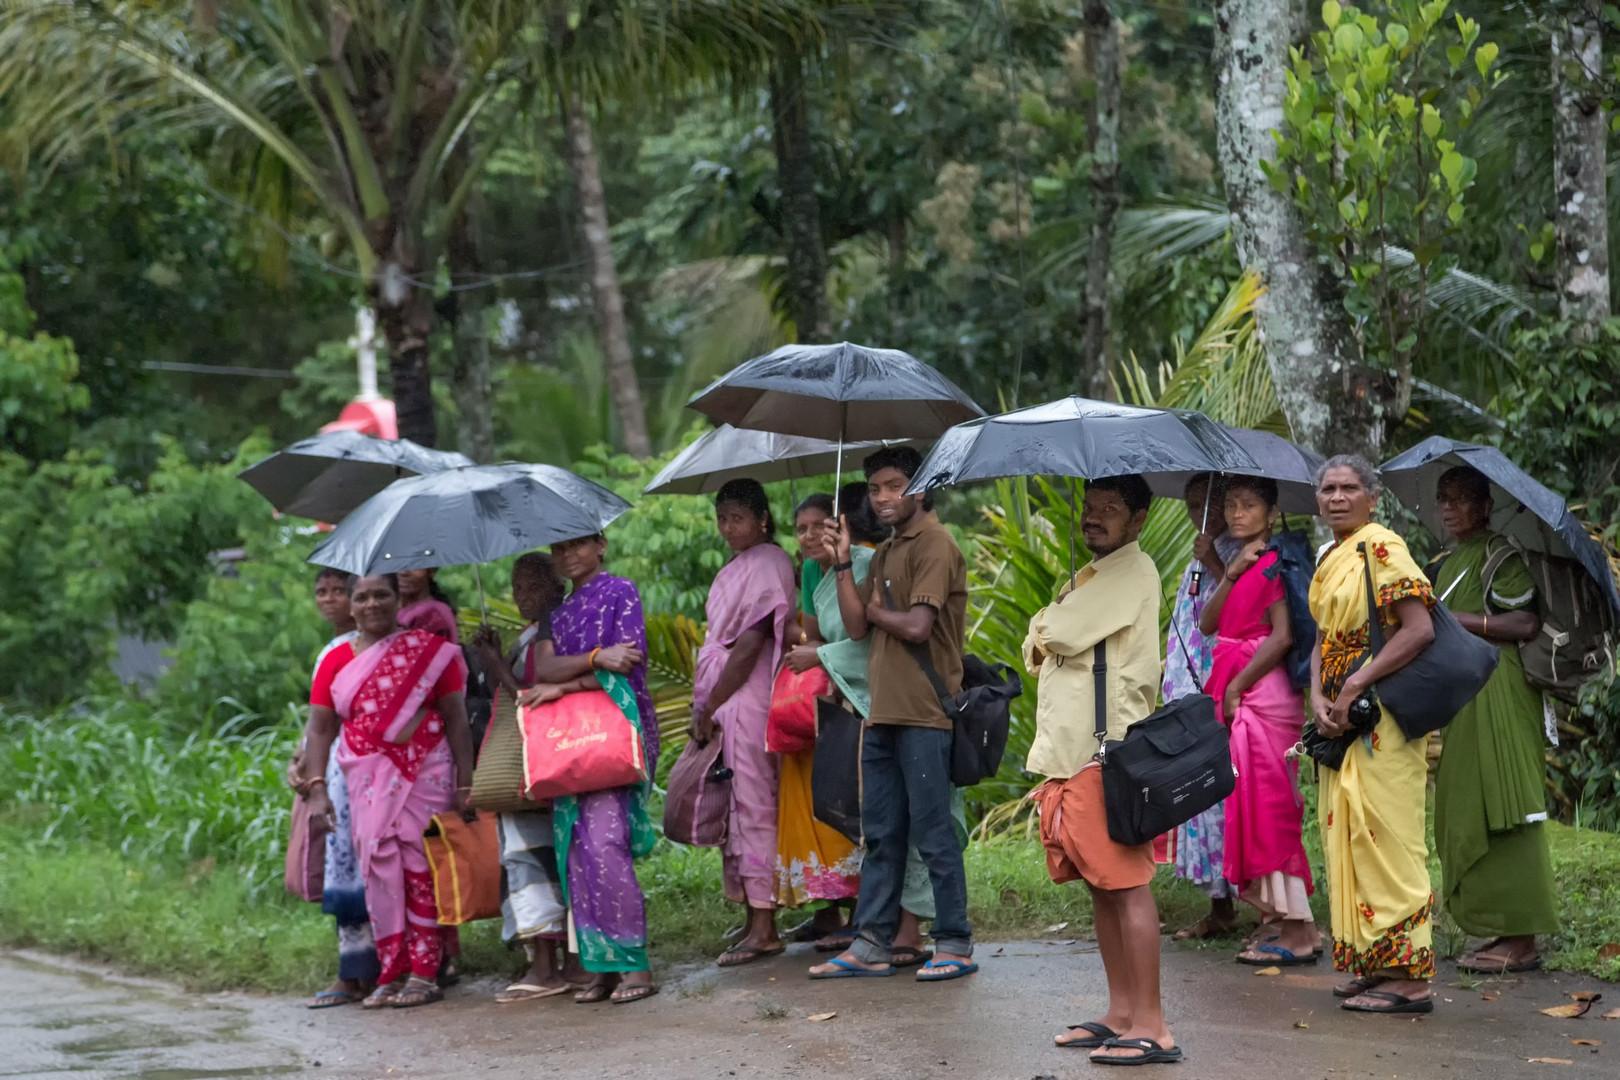 Attendre le bus sous la pluie - Contrairement à nous, les Indiens aiment la pluie !